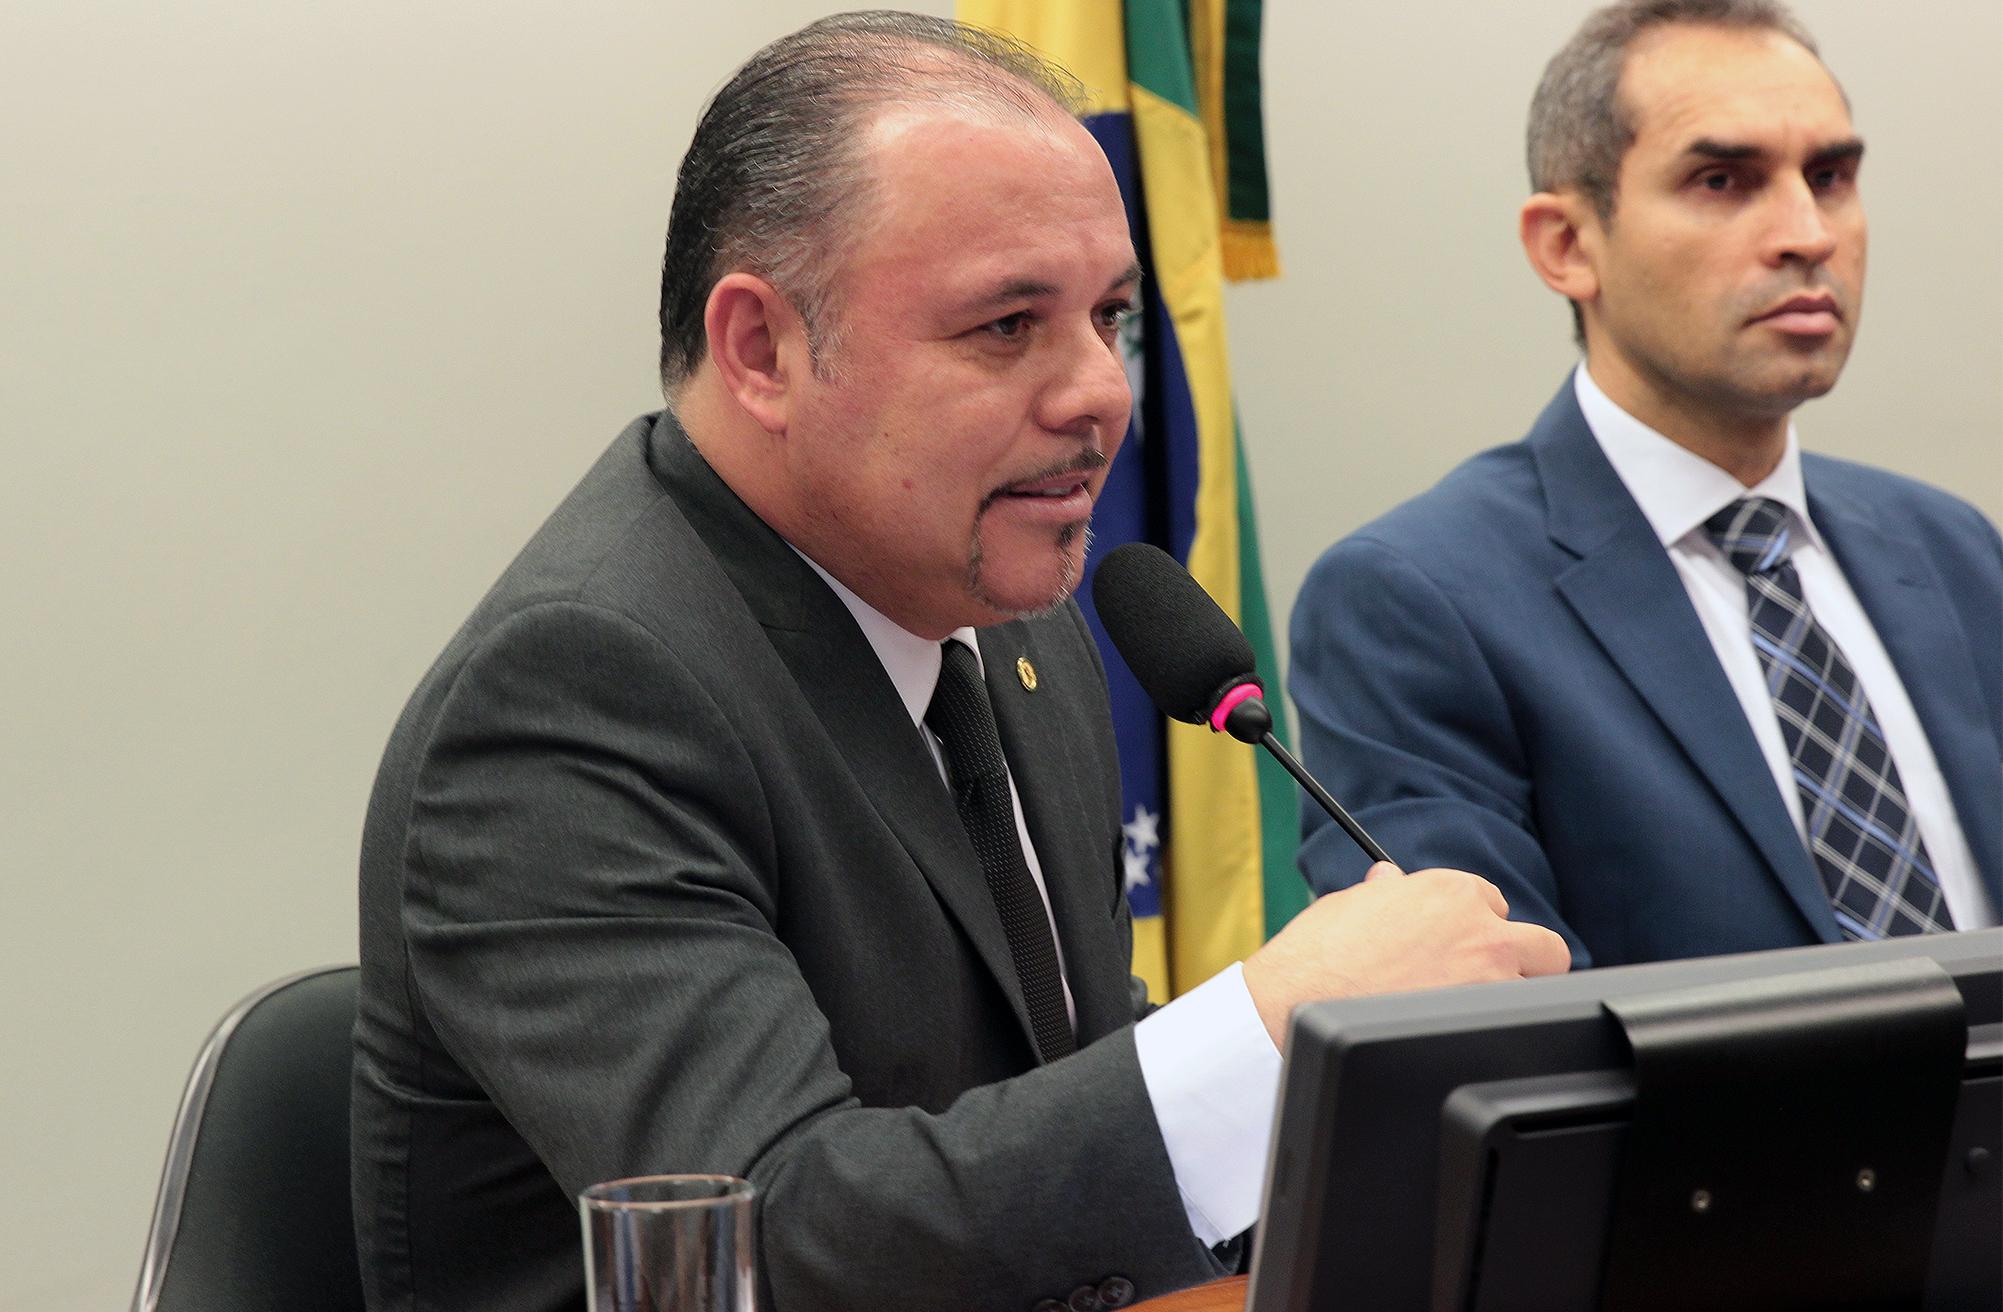 Audiência Pública e Reunião Ordinária. Dep. Flavinho (PSB - SP)